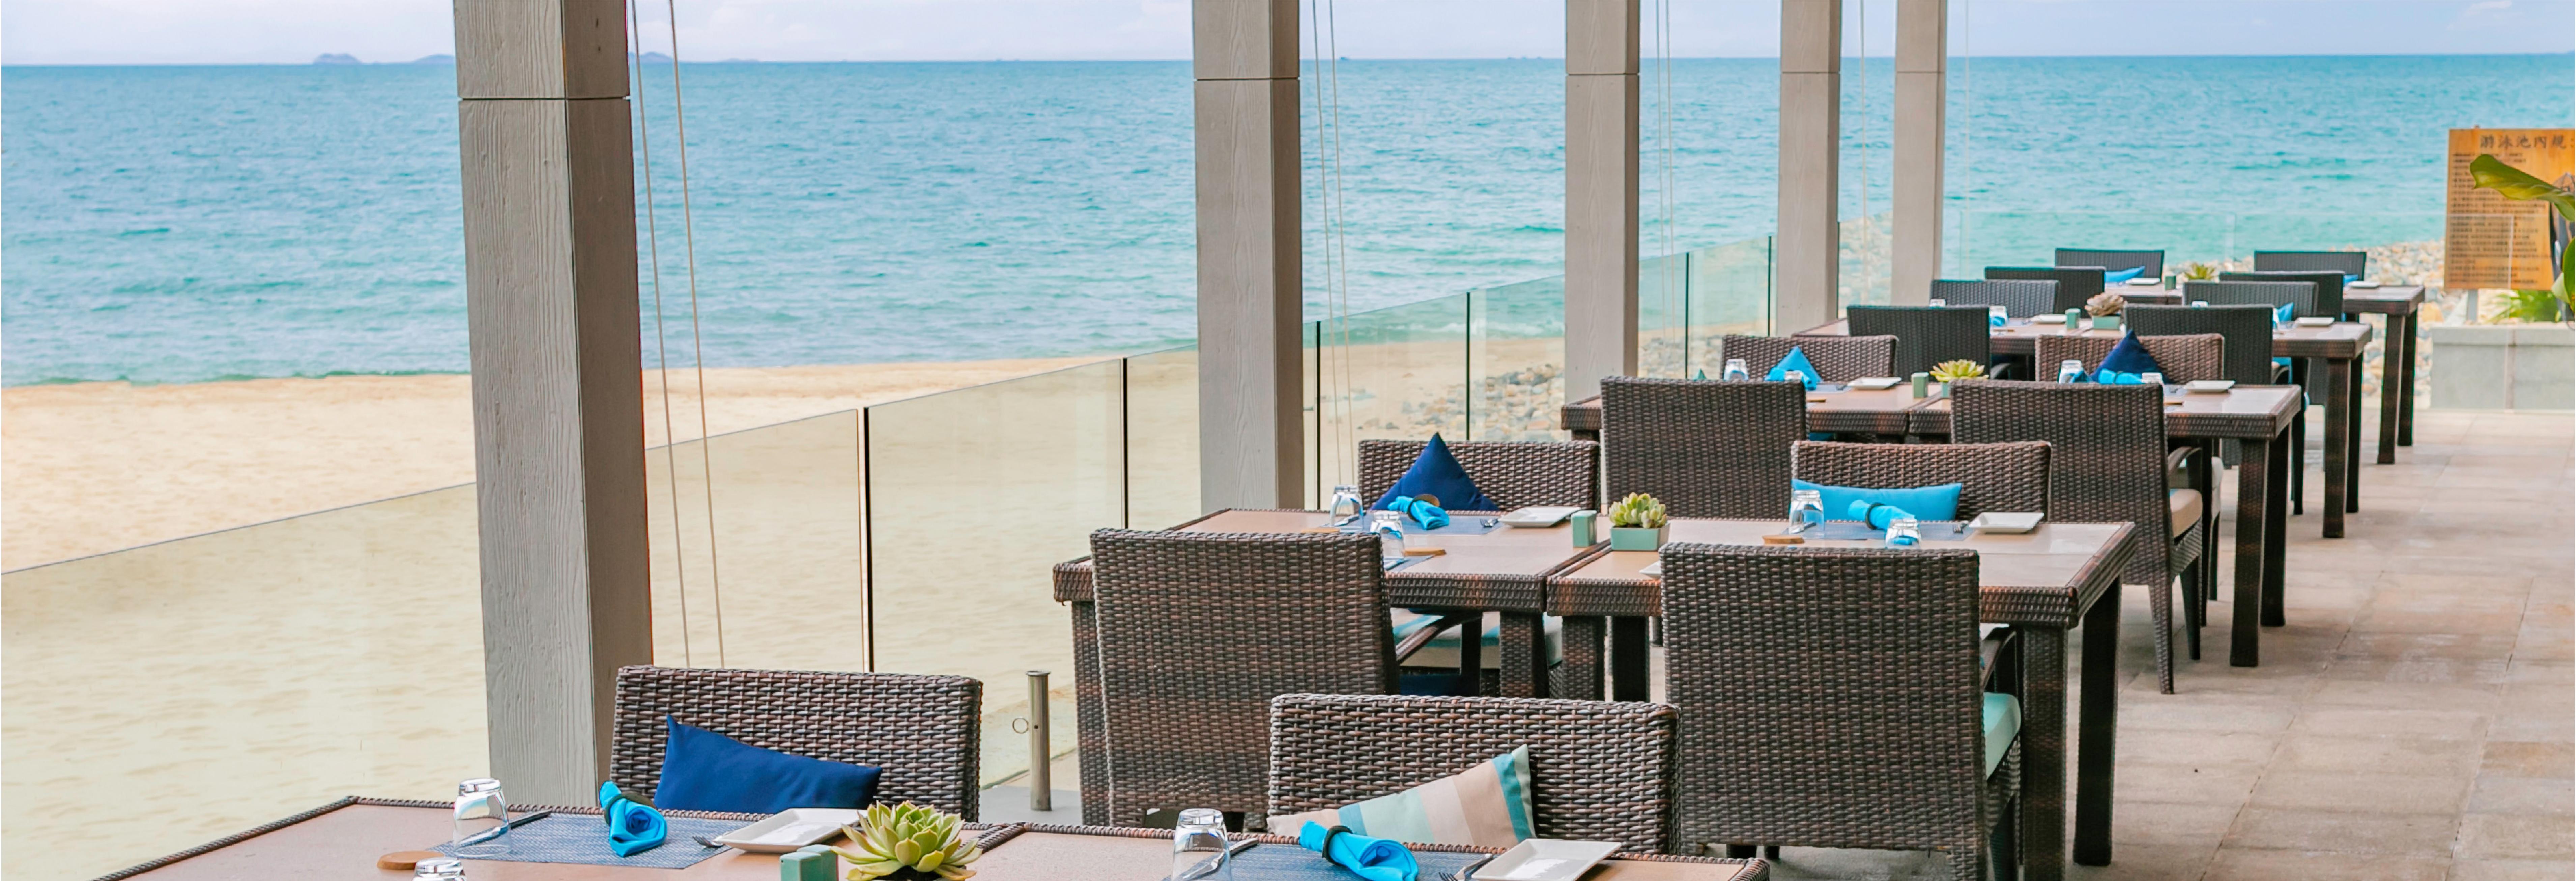 Dự án cung cấp nội thất nhà hàng biển ATC furniture